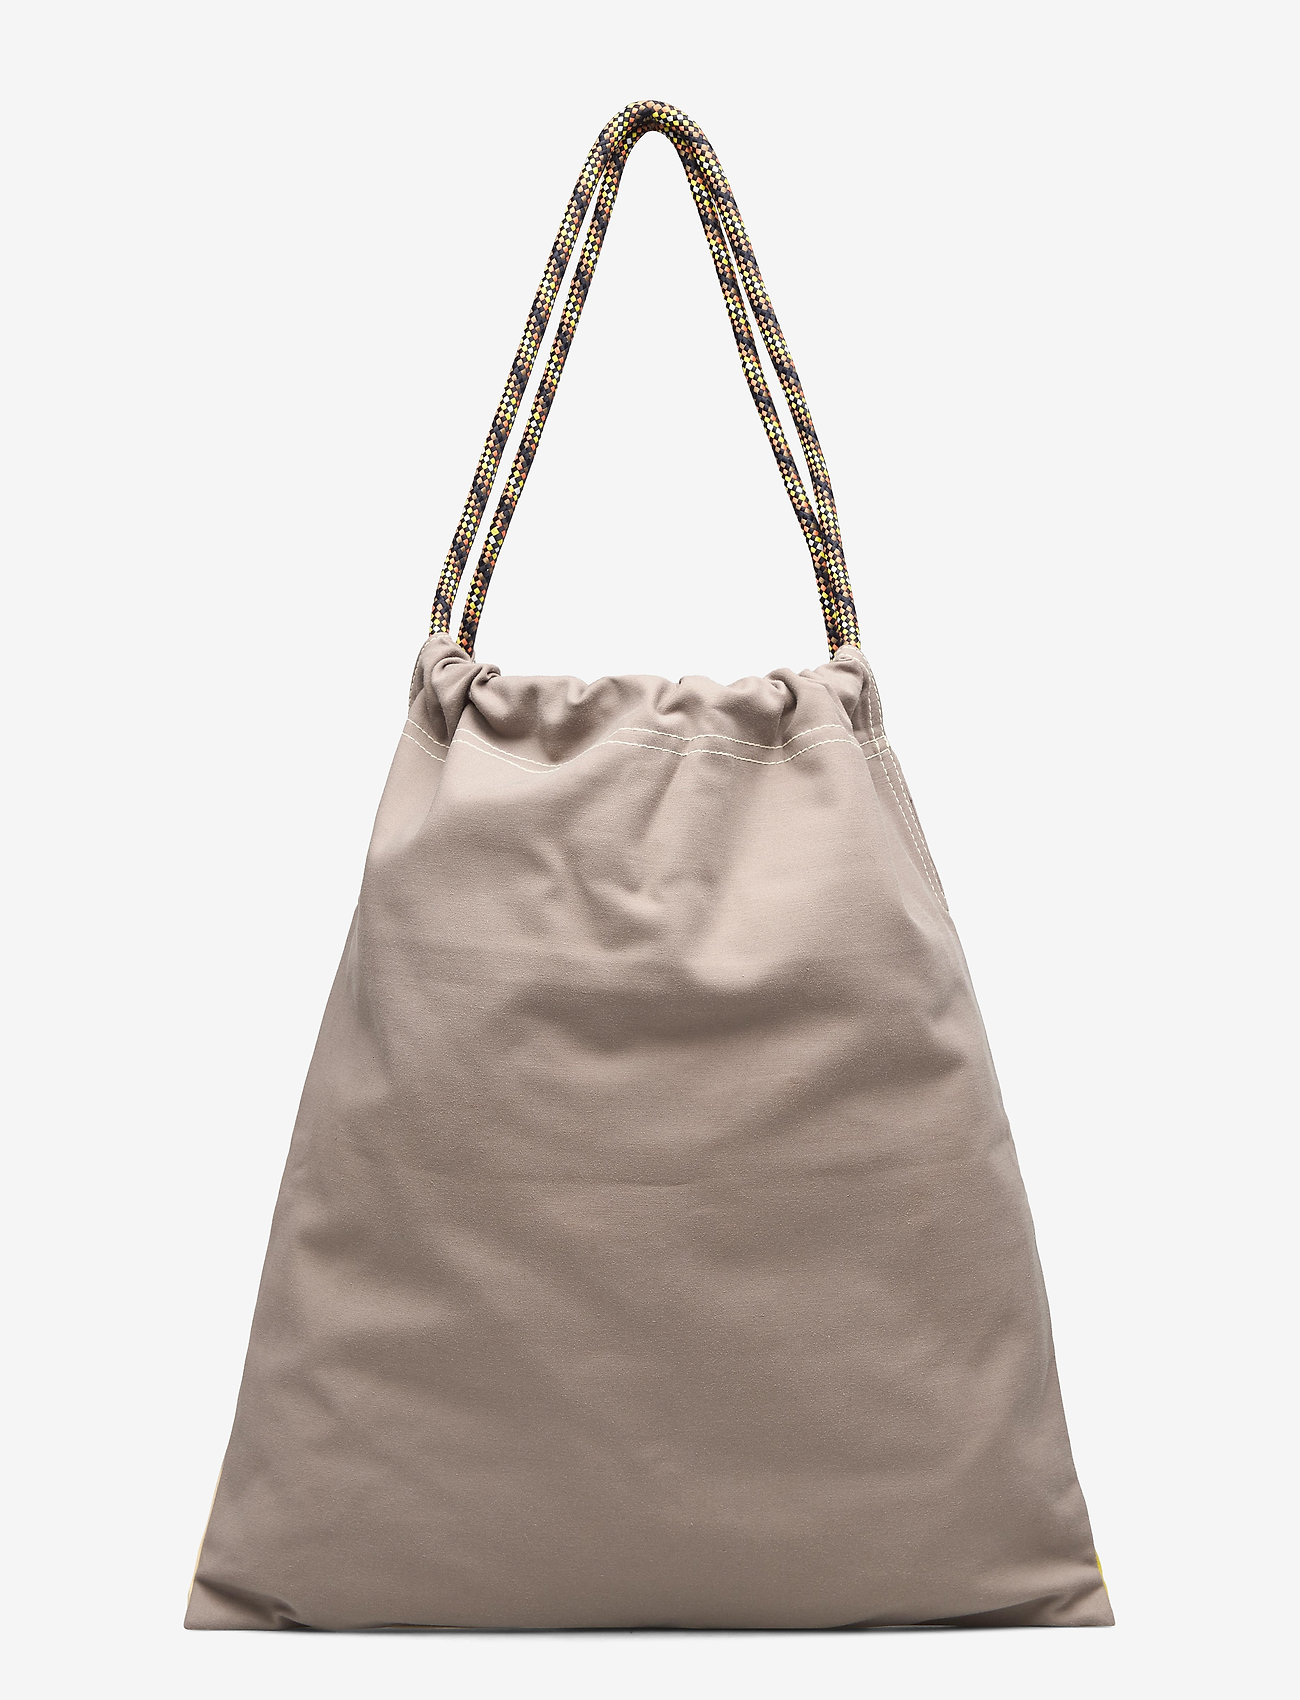 Aubrey, 849 Bag